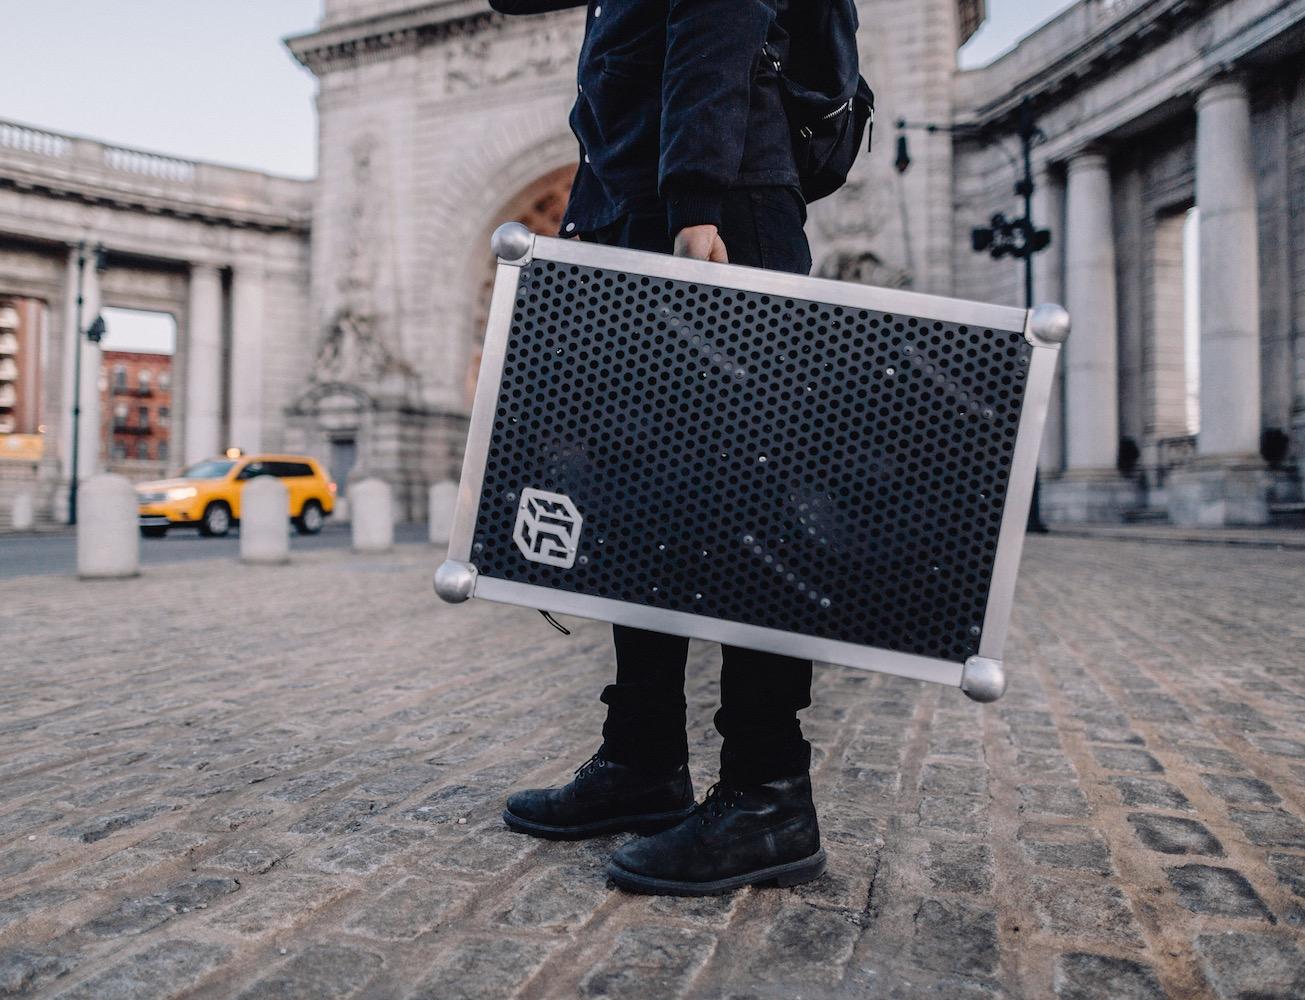 SOUNDBOKS+%26%238211%3B+The+Loudest+Battery-Powered+Speaker